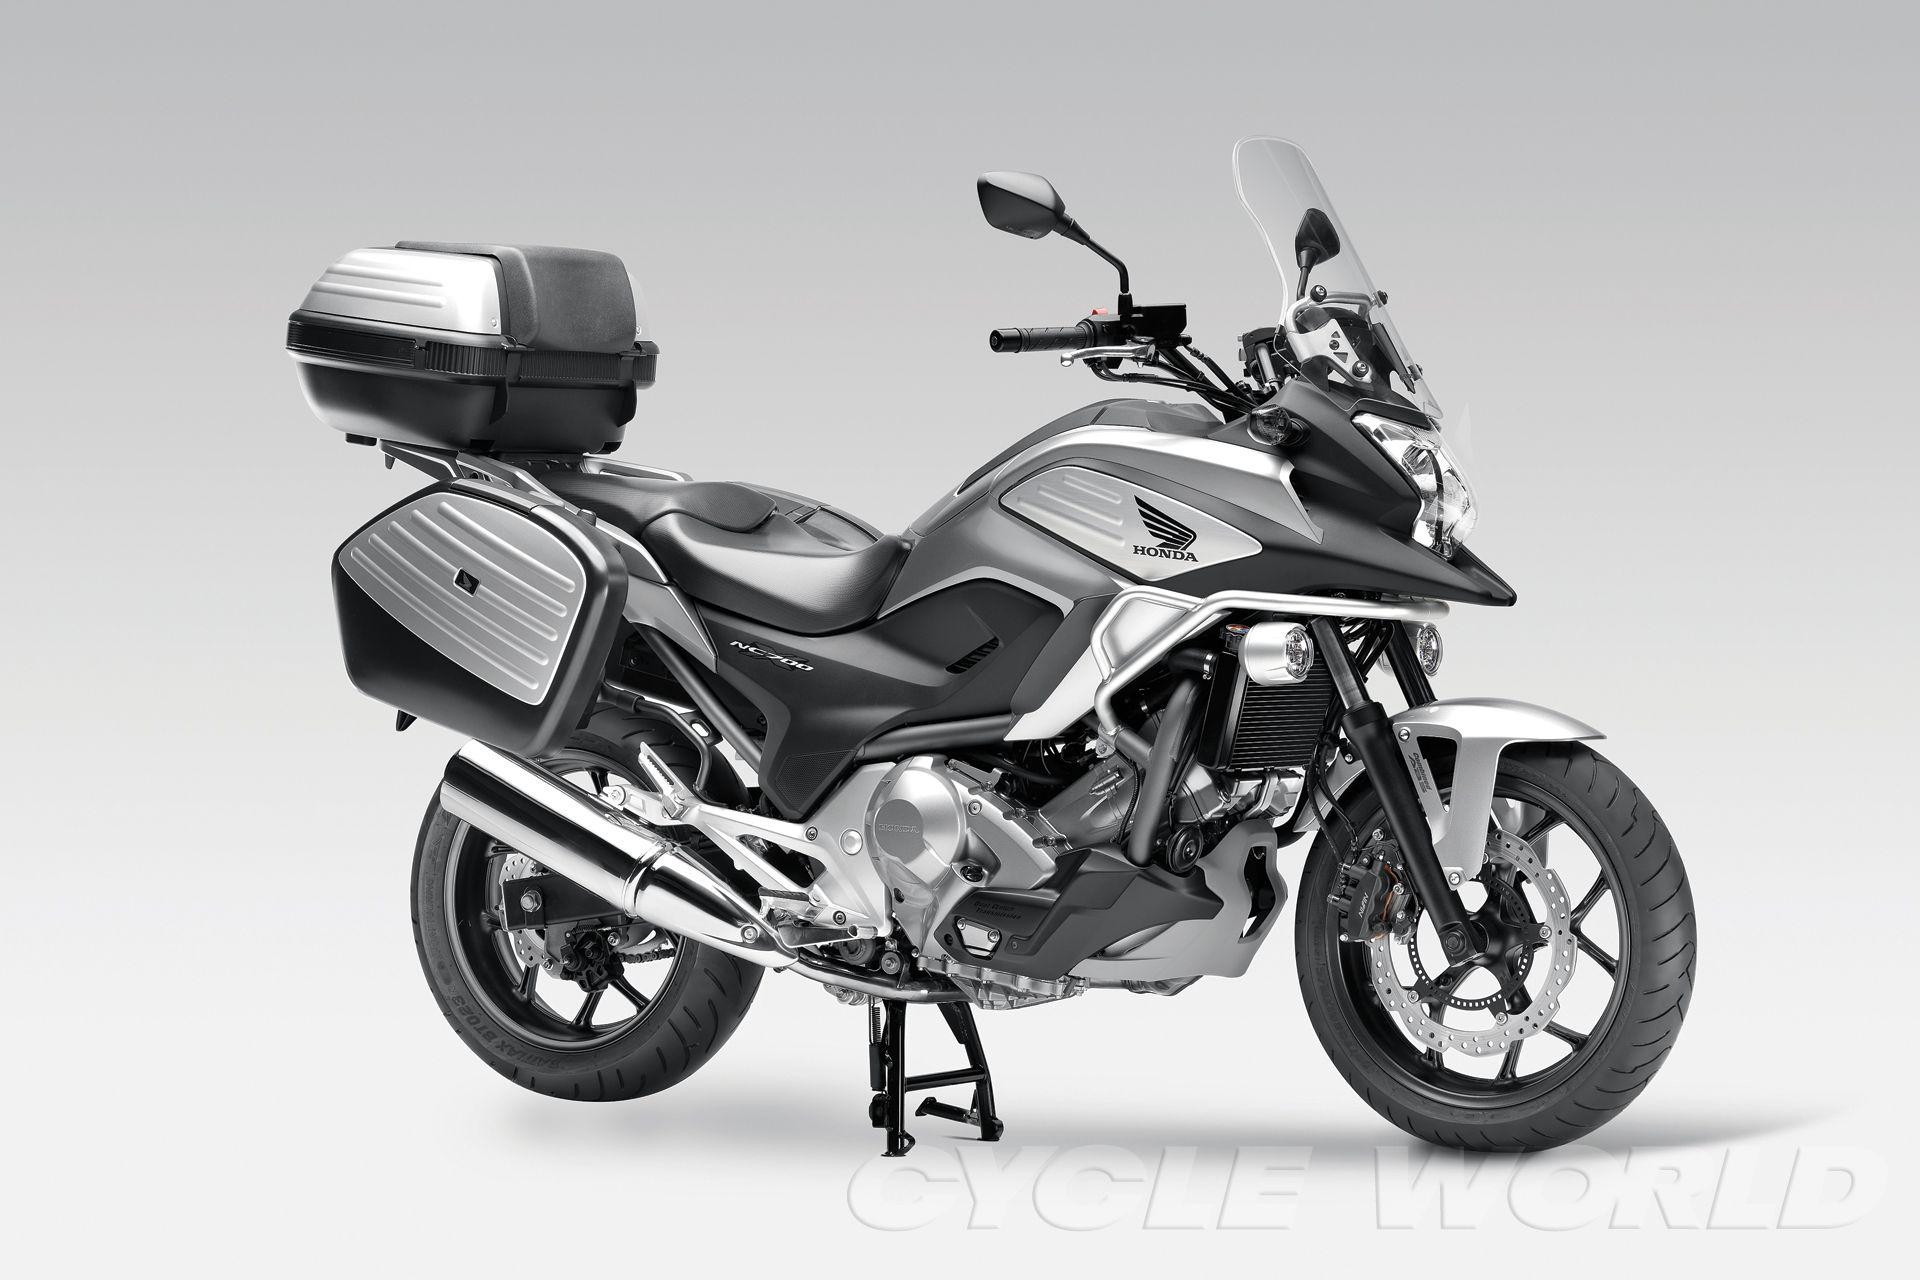 Honda NC700X Dual Sport Honda motorcycles, 2013 honda